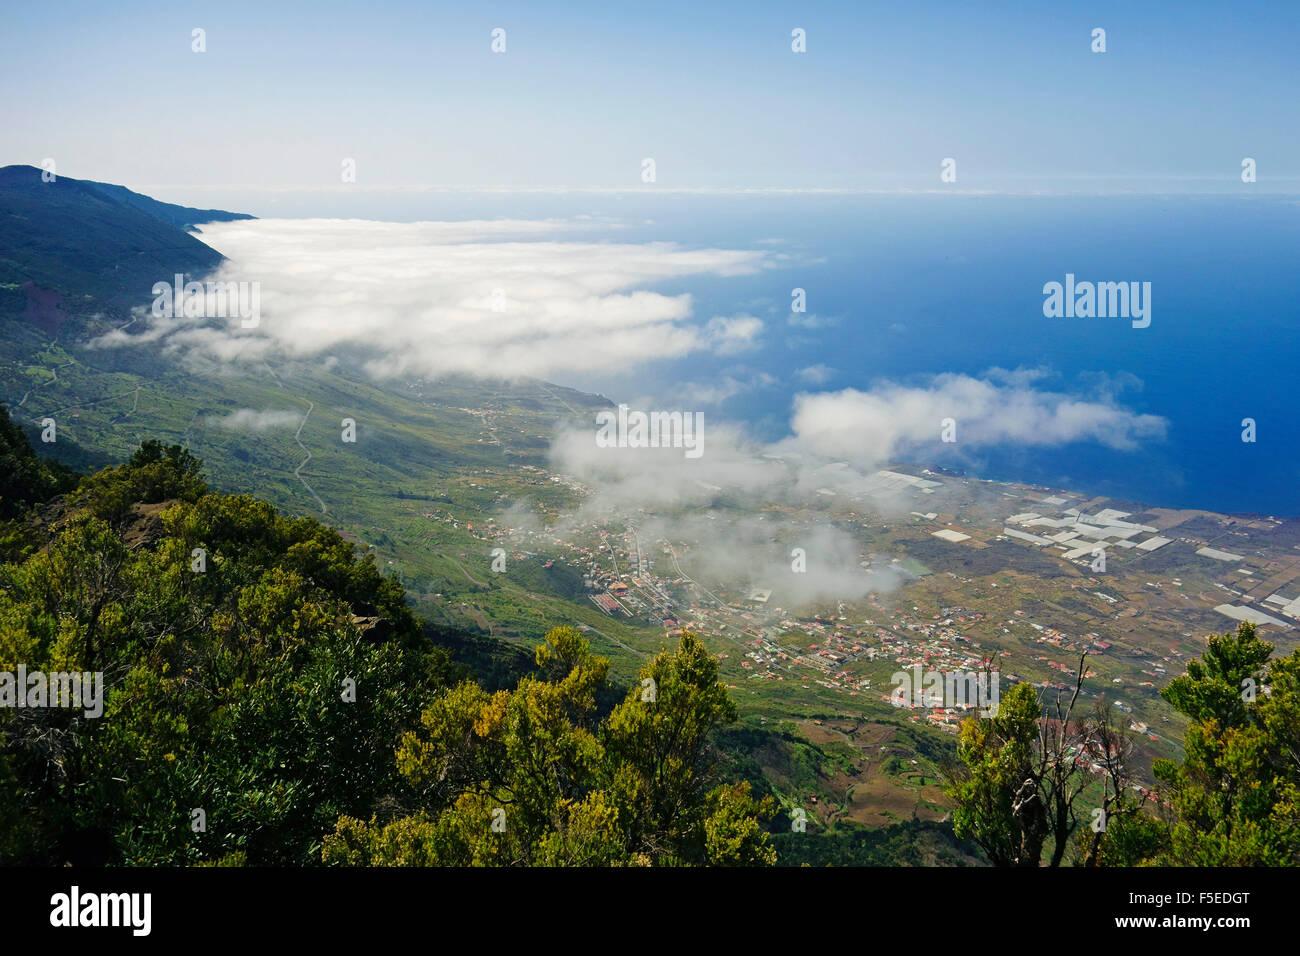 Las Puntas und El Golfo Bay, gesehen von Tibataje, El Hierro, Kanarische Inseln, Spanien, Atlantik, Europa Stockfoto